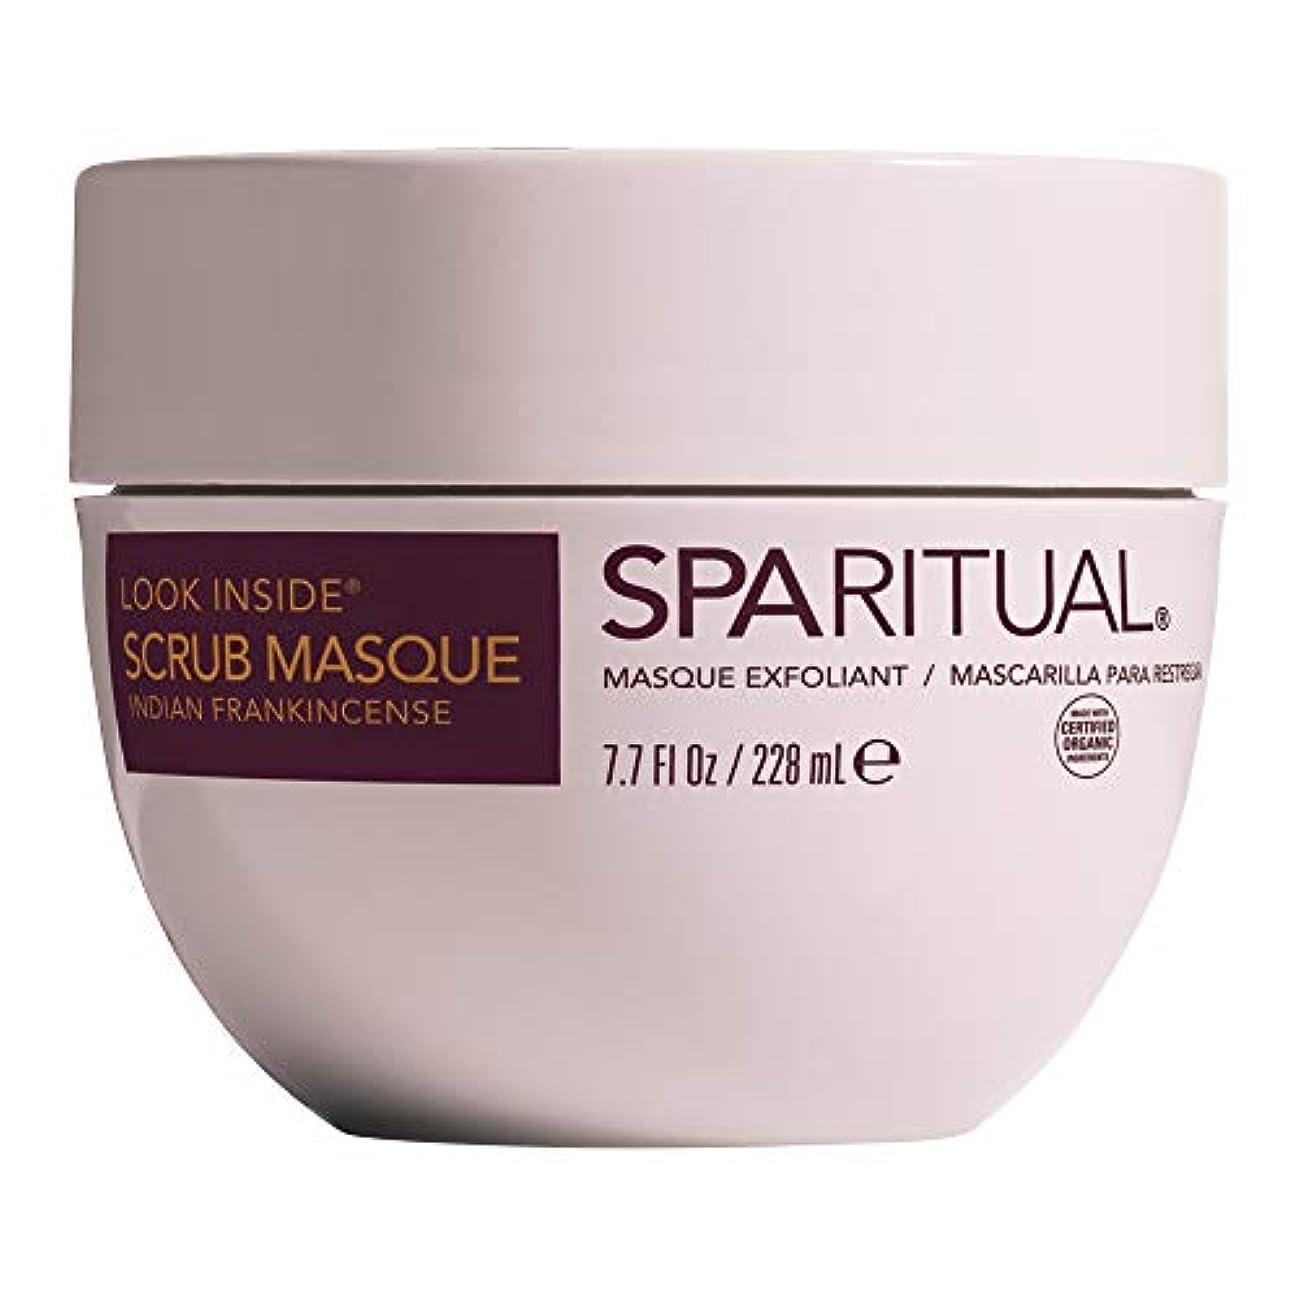 自分のために湿度アドバイスSPARITUAL(スパリチュアル) ルックインサイド スクラブマスク 228ml (フランキンセンスの香り)